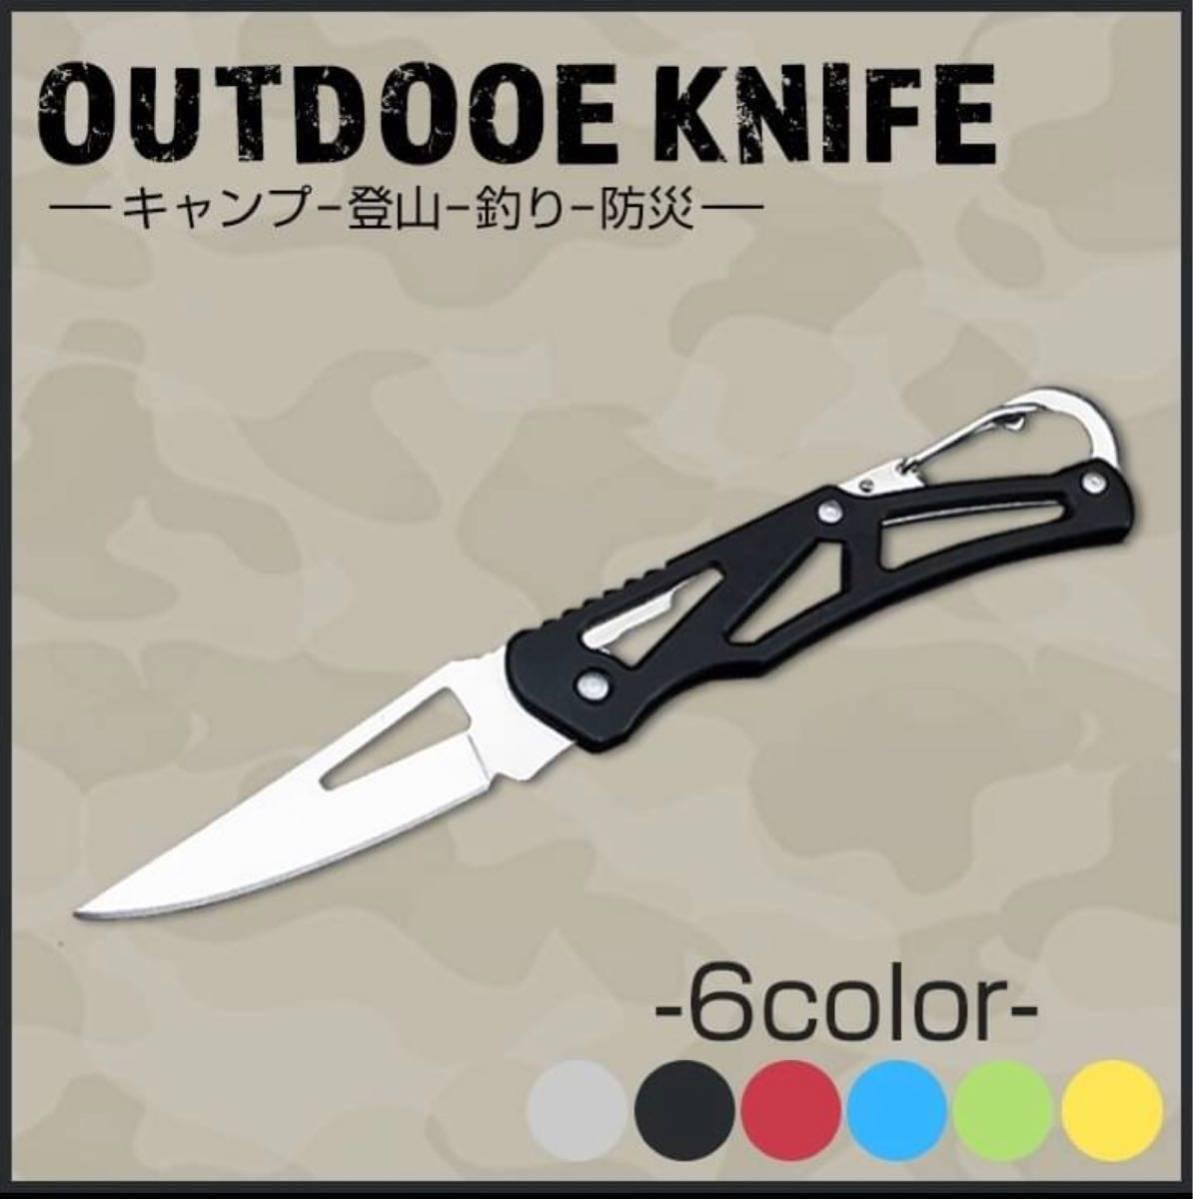 【アウトドアに最適】カラビナ折りたたみナイフ・黒色 釣り キャンプ サバイバル